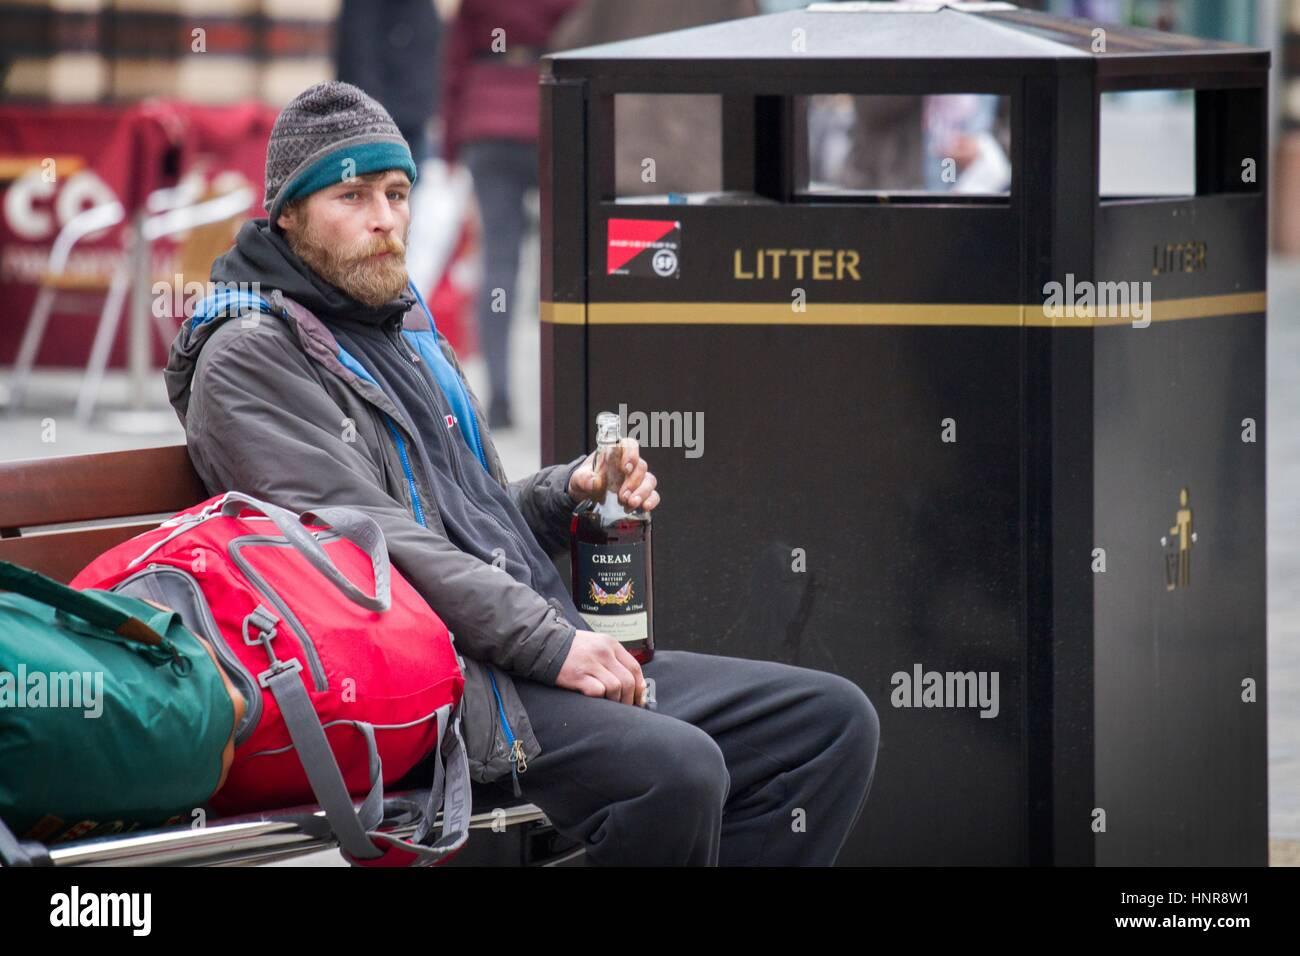 Les sans-abri Les sans-abri à la rue beg mendiant mendier faim froid hiver triste don argent hobo tramp pauvreté Photo Stock